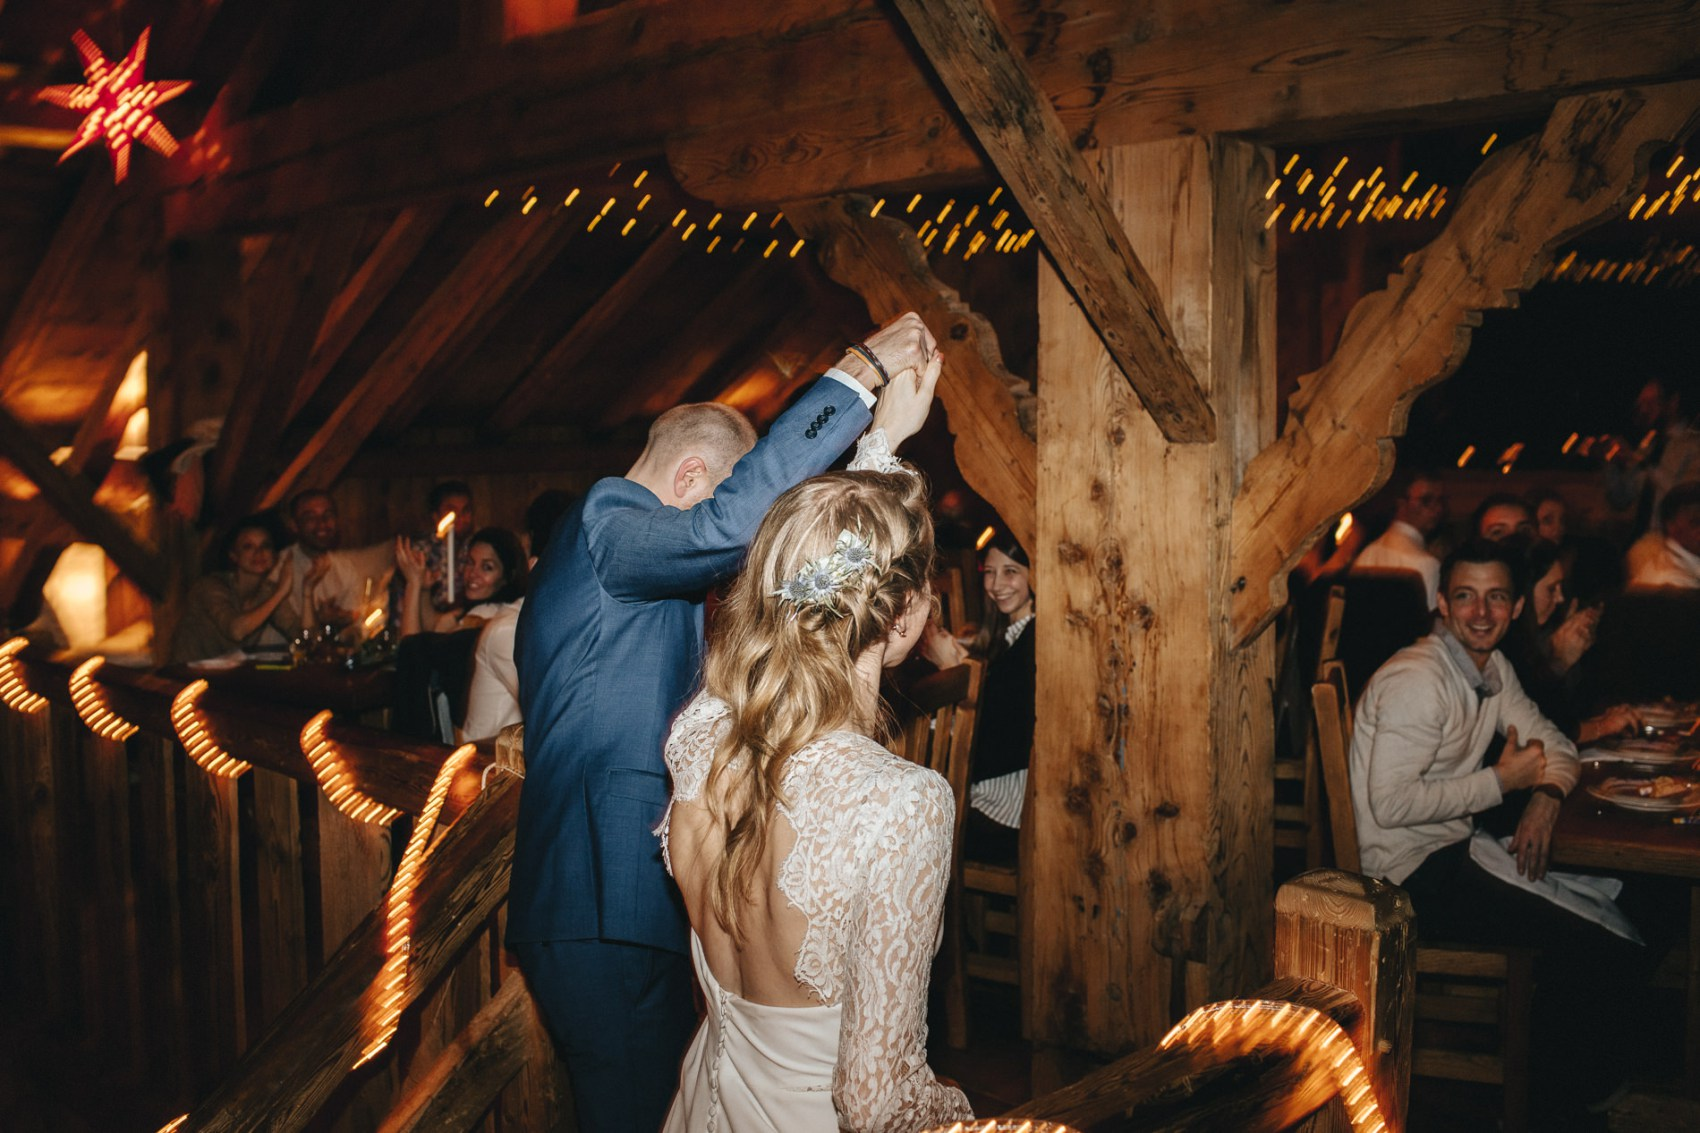 mariage-montagne-le-gite-du-passant-savoie-156.jpg